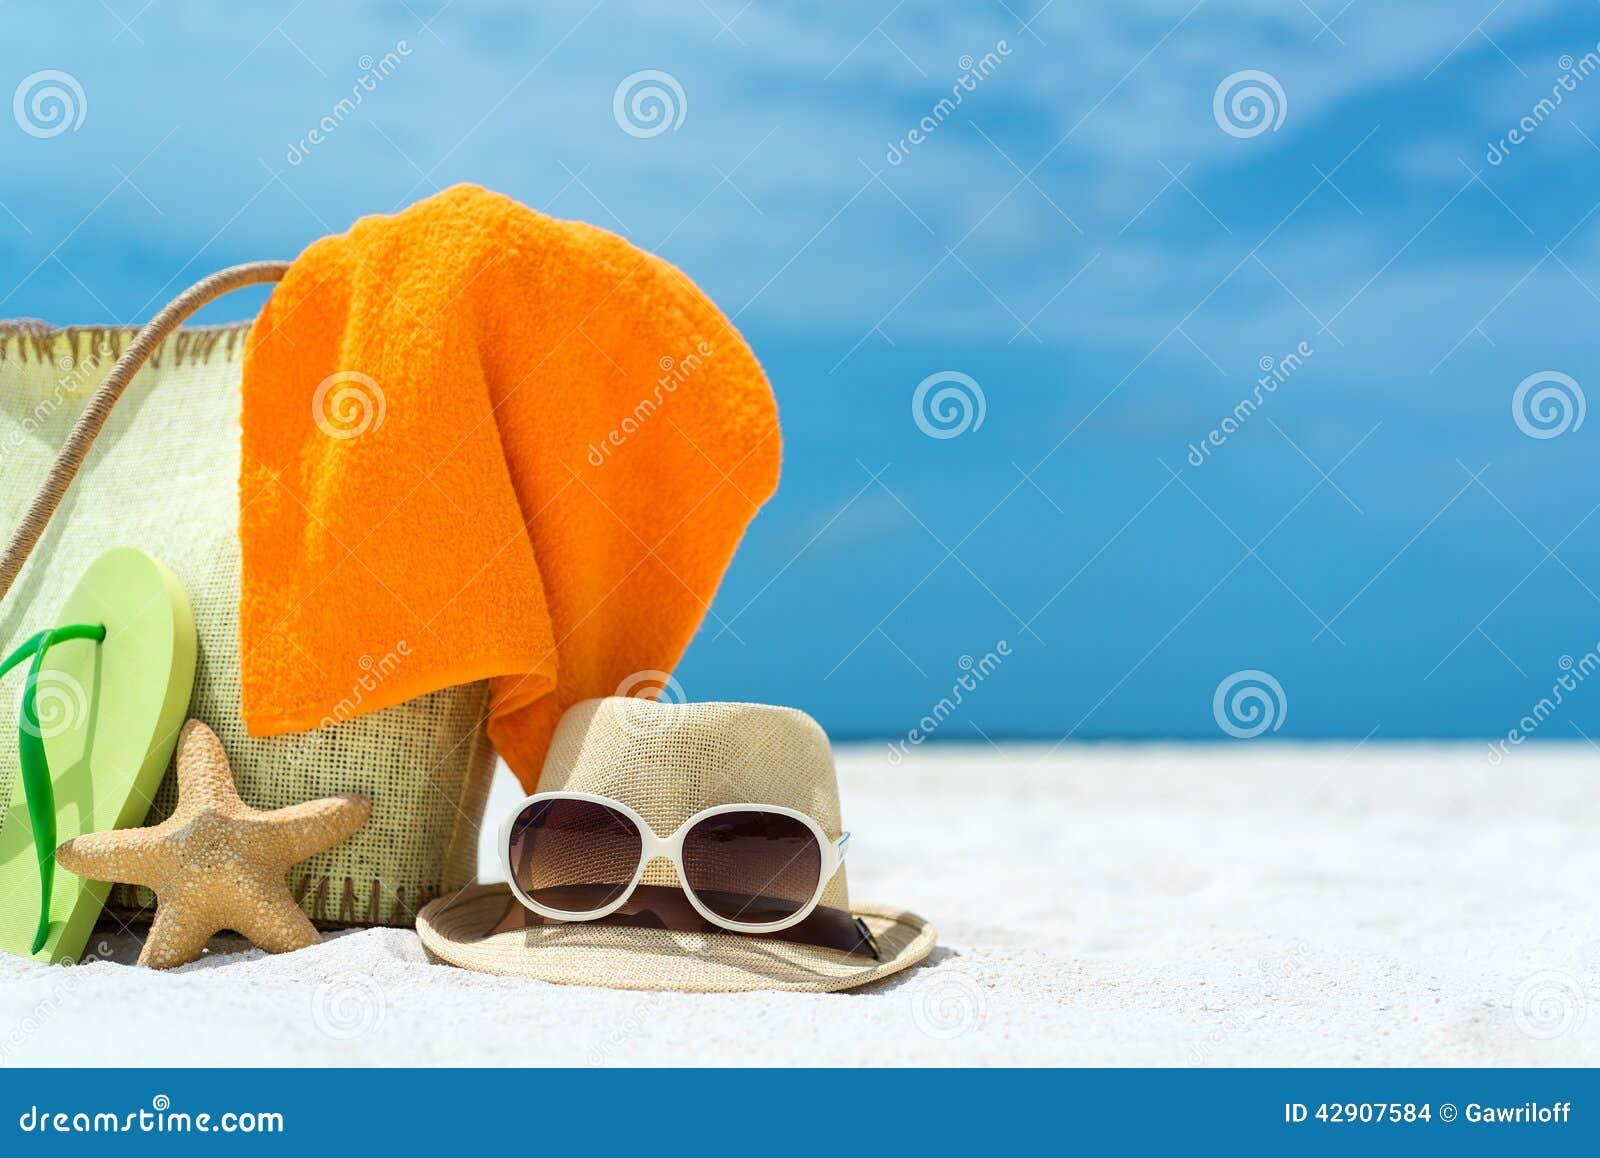 sac de plage d 39 t avec les toiles de mer la serviette. Black Bedroom Furniture Sets. Home Design Ideas